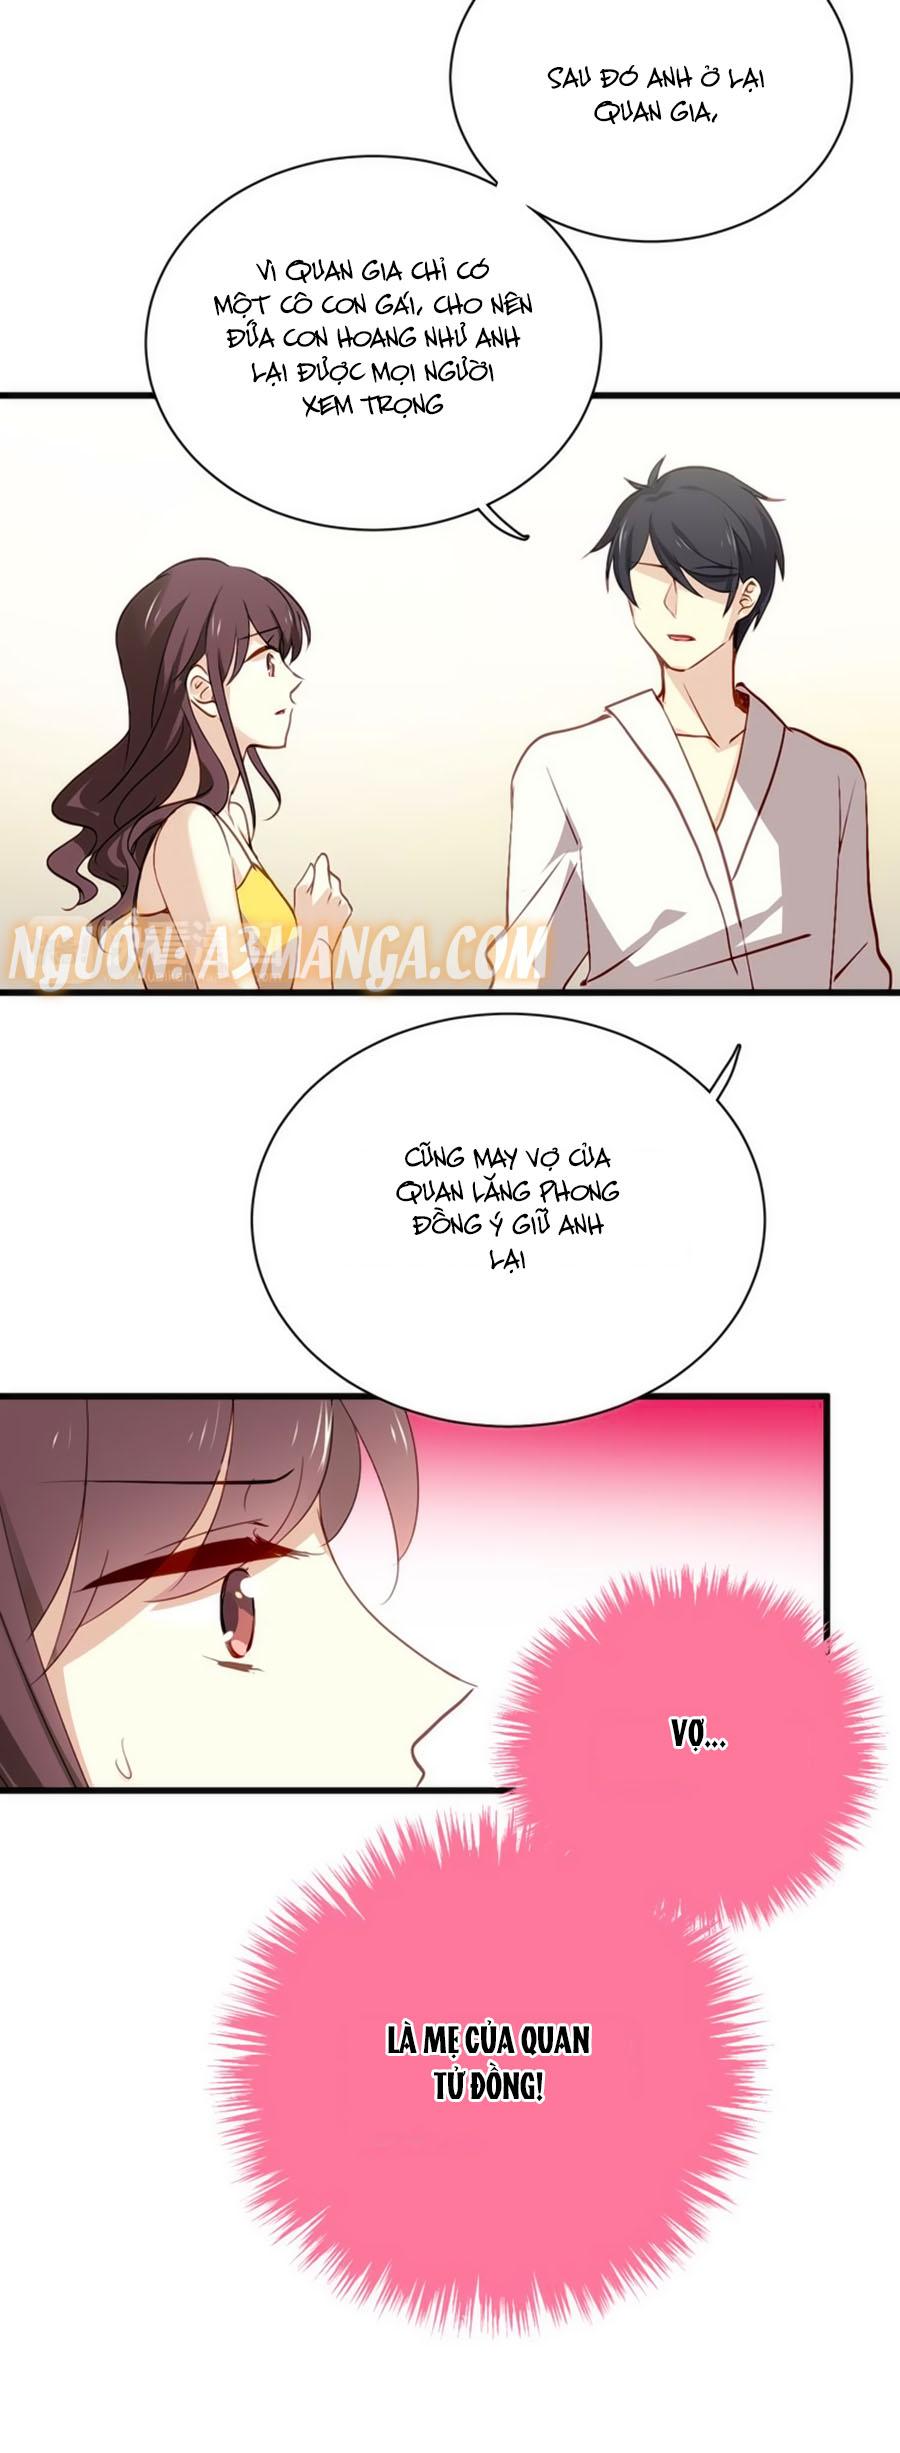 Tình Yêu Là Thế Chap 54